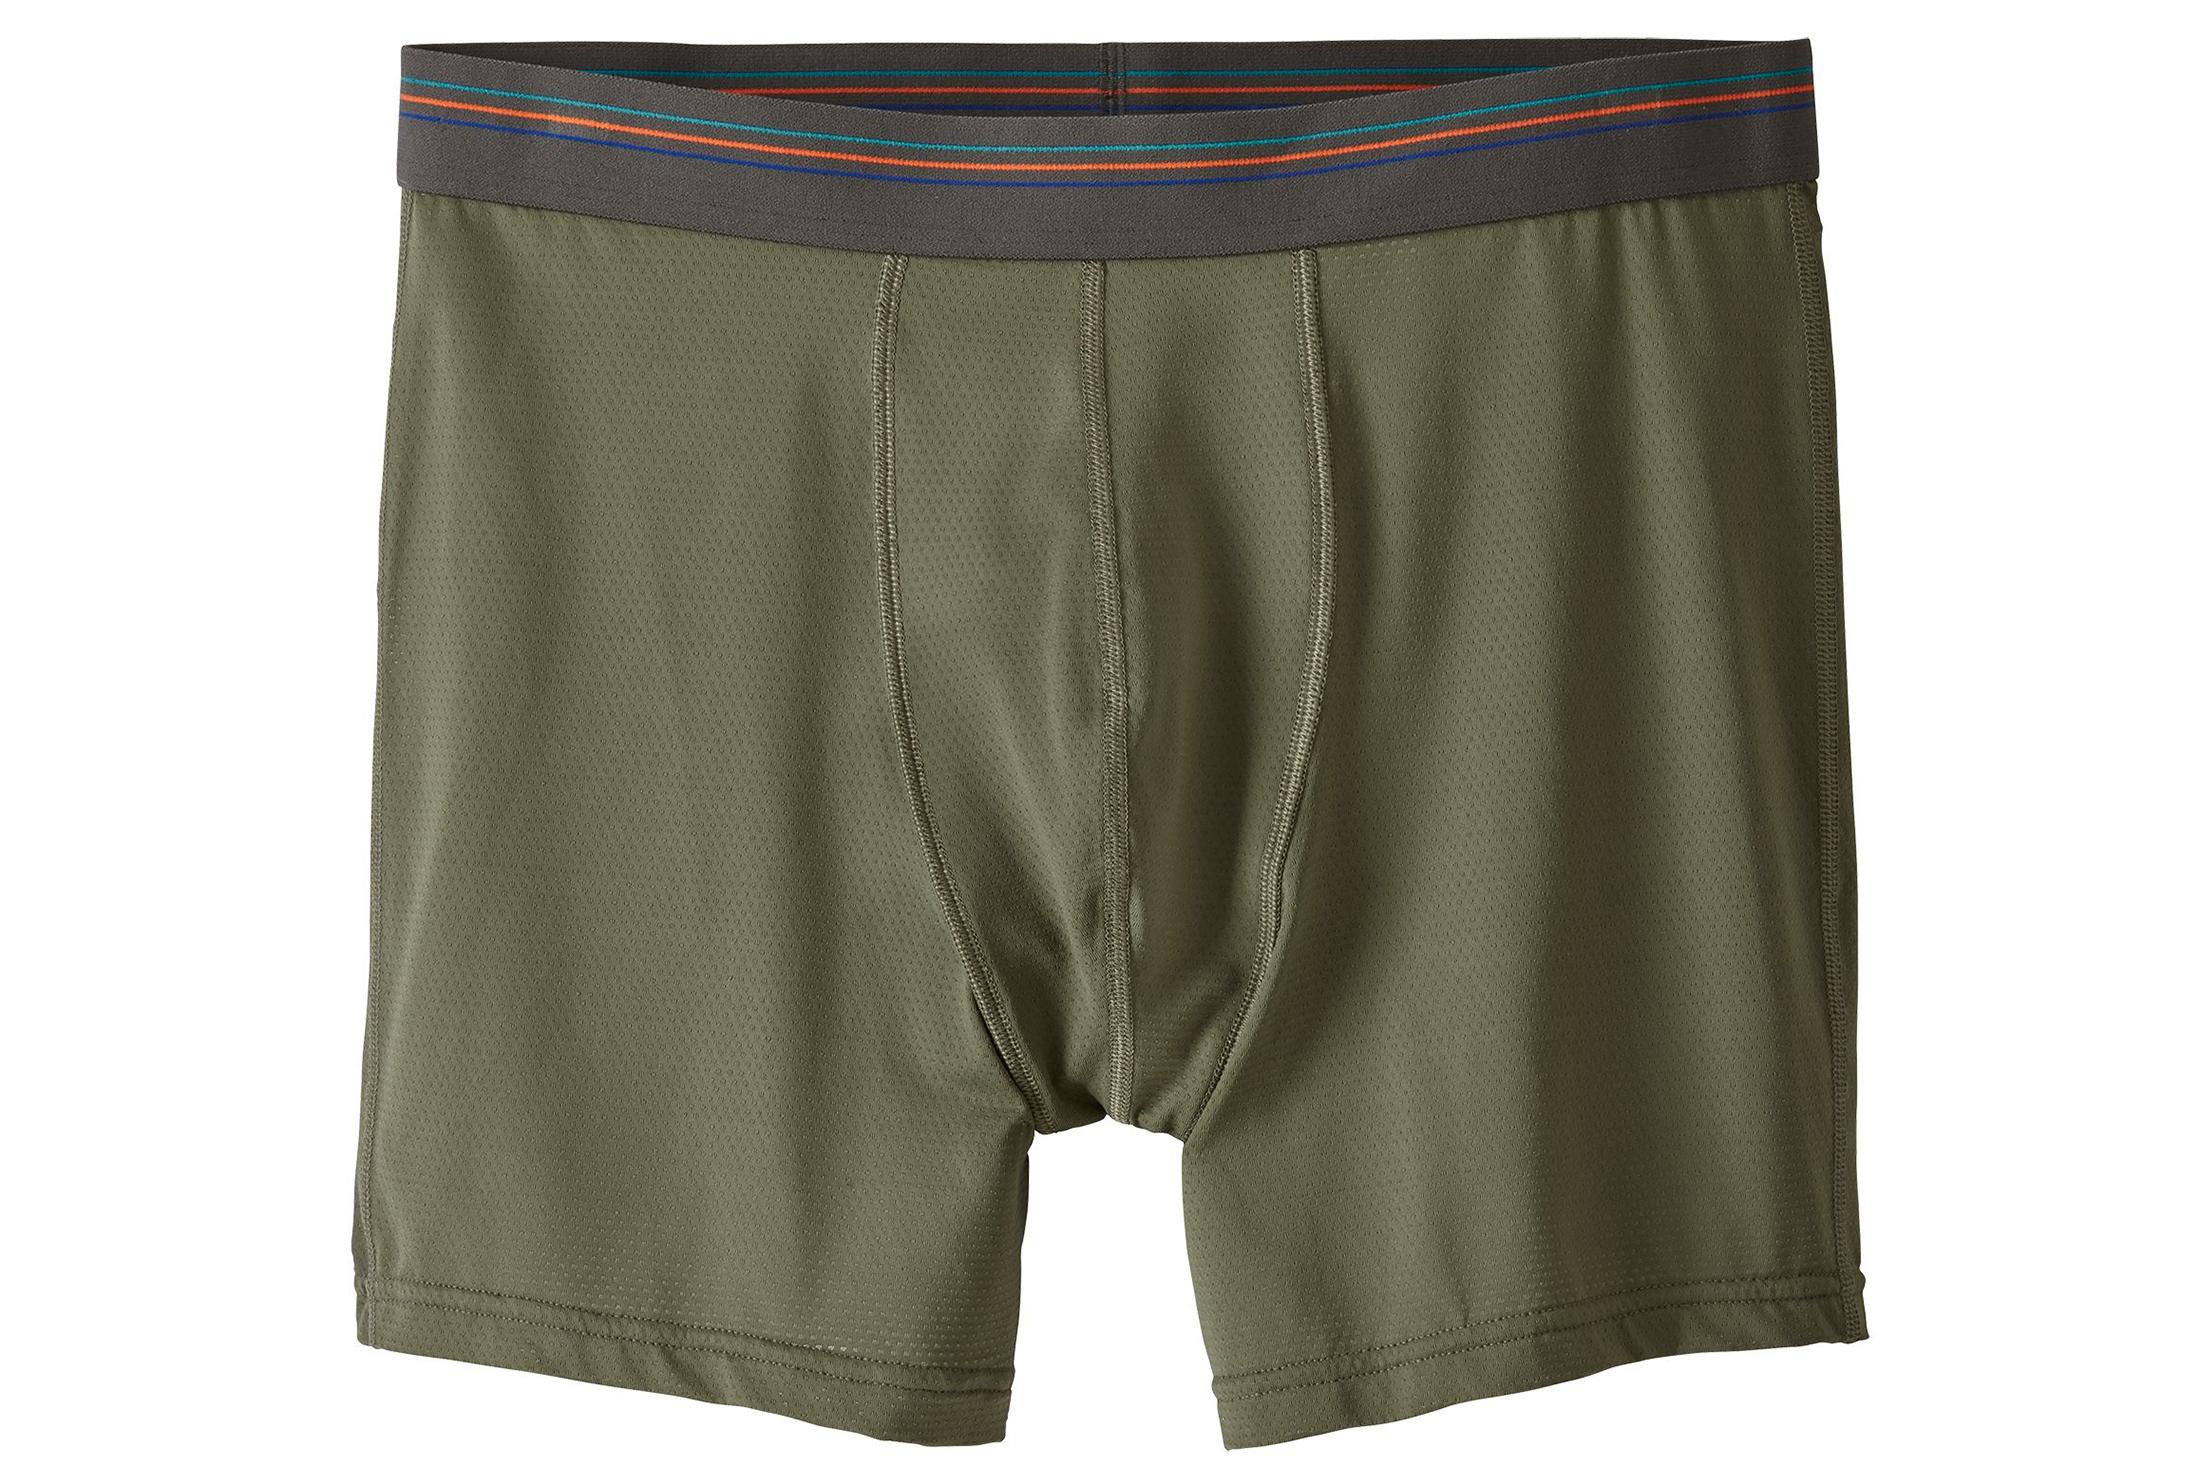 Patagonia Sender underwear